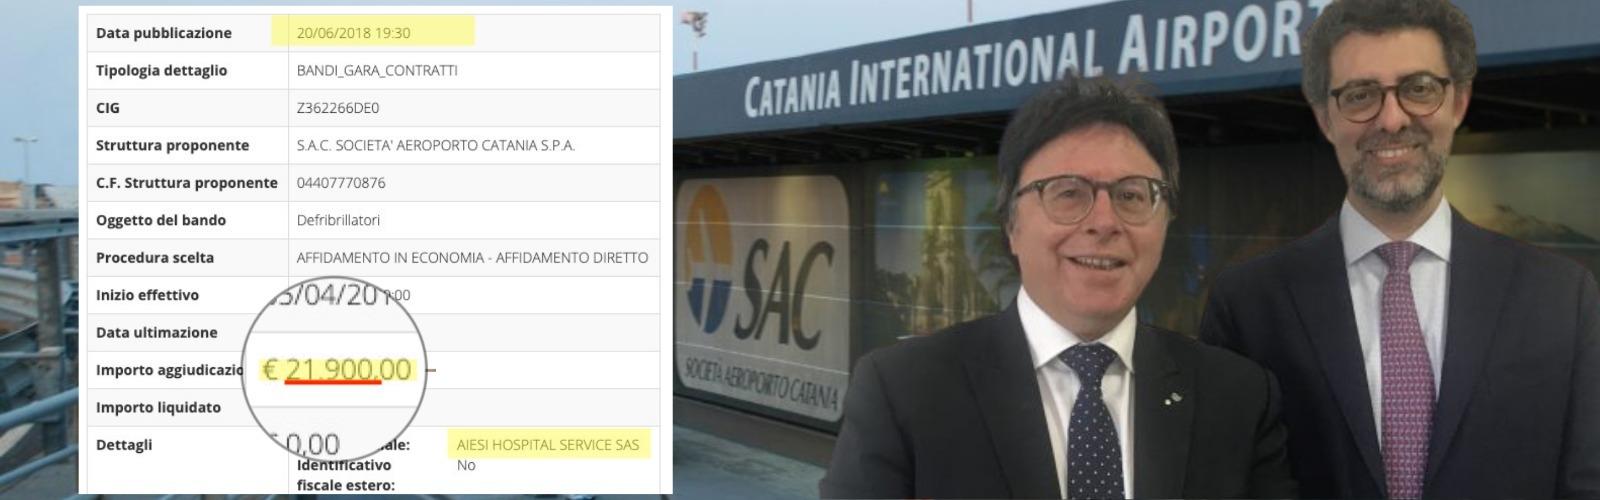 """SAC & CamCom: """"Ma la vice ministra renziana Bellanova lo sa che con soldi pubblici questi signori... """""""